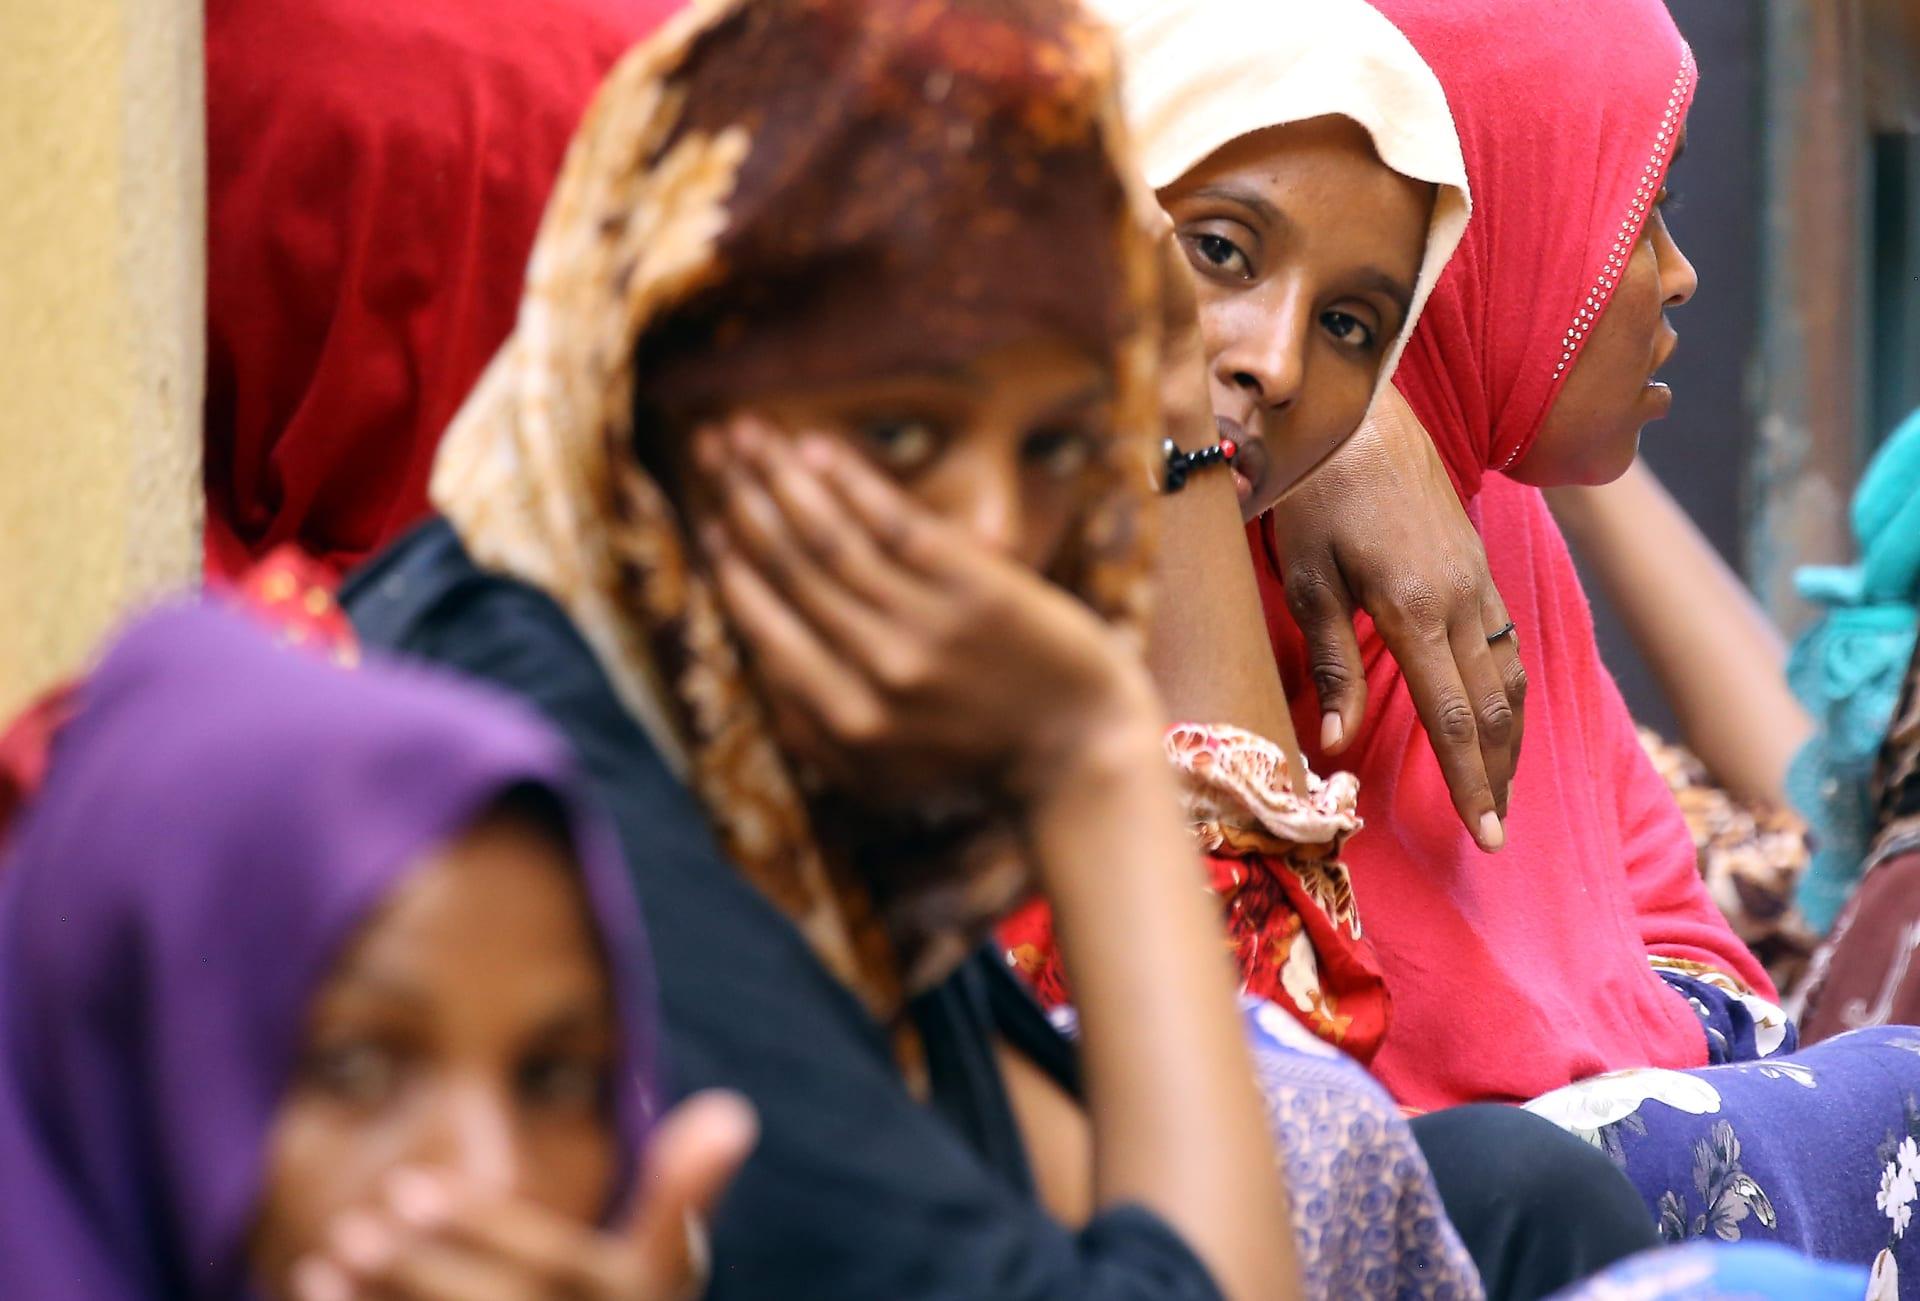 """بعد أن كشفت CNN عن هذه القضية.. مجلس الأمن يتبنى فرض عقوبات على ليبيا لمكافحة """"العنف الجنسي"""""""